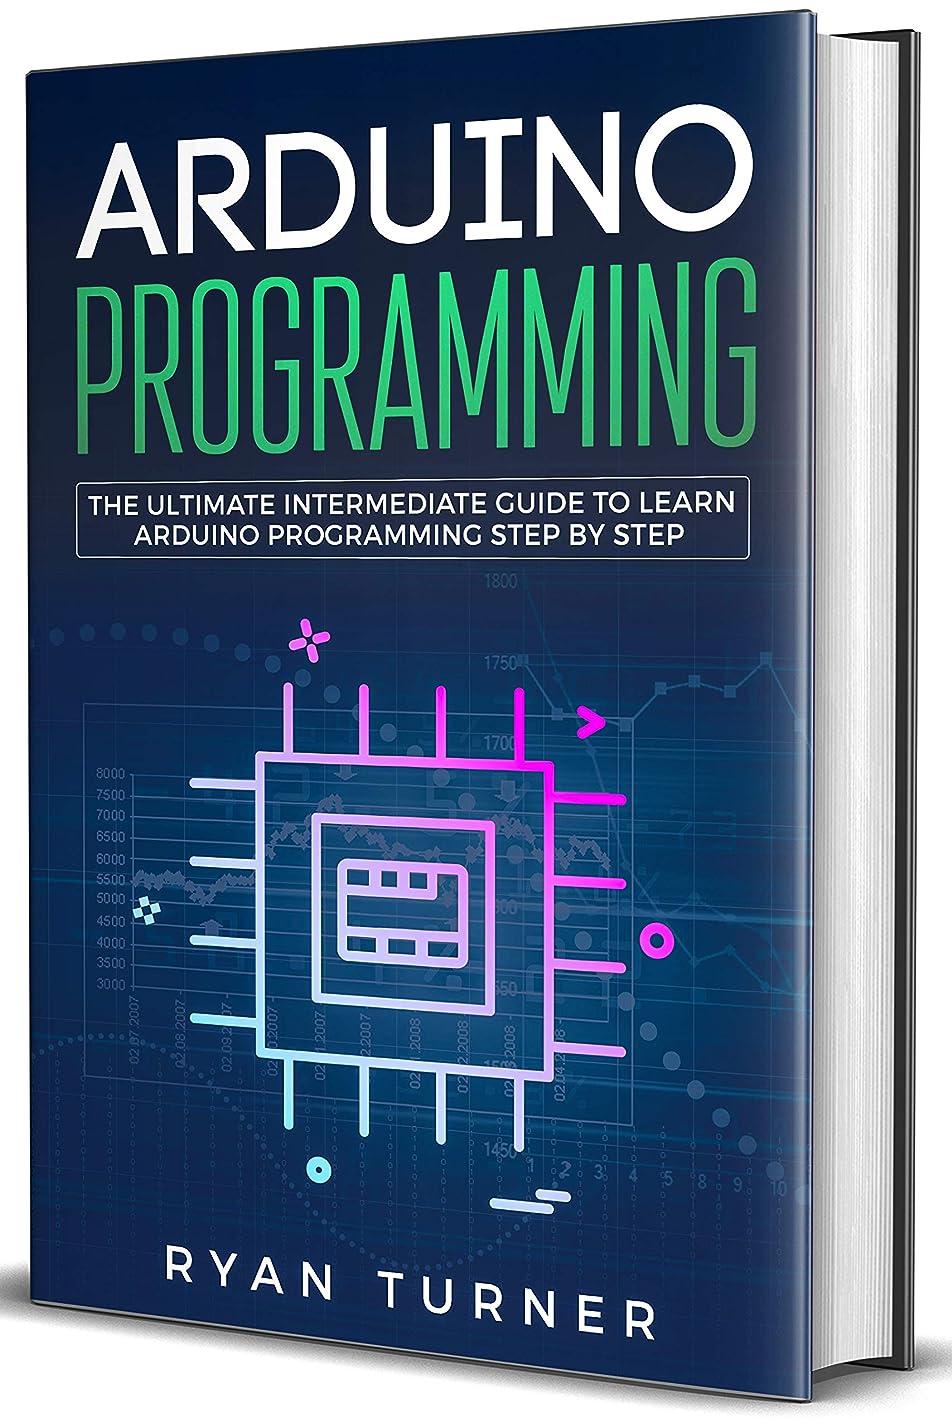 教会ひまわり反逆者Arduino Programming: The Ultimate Intermediate Guide to Learn Arduino Programming Step by Step (English Edition)